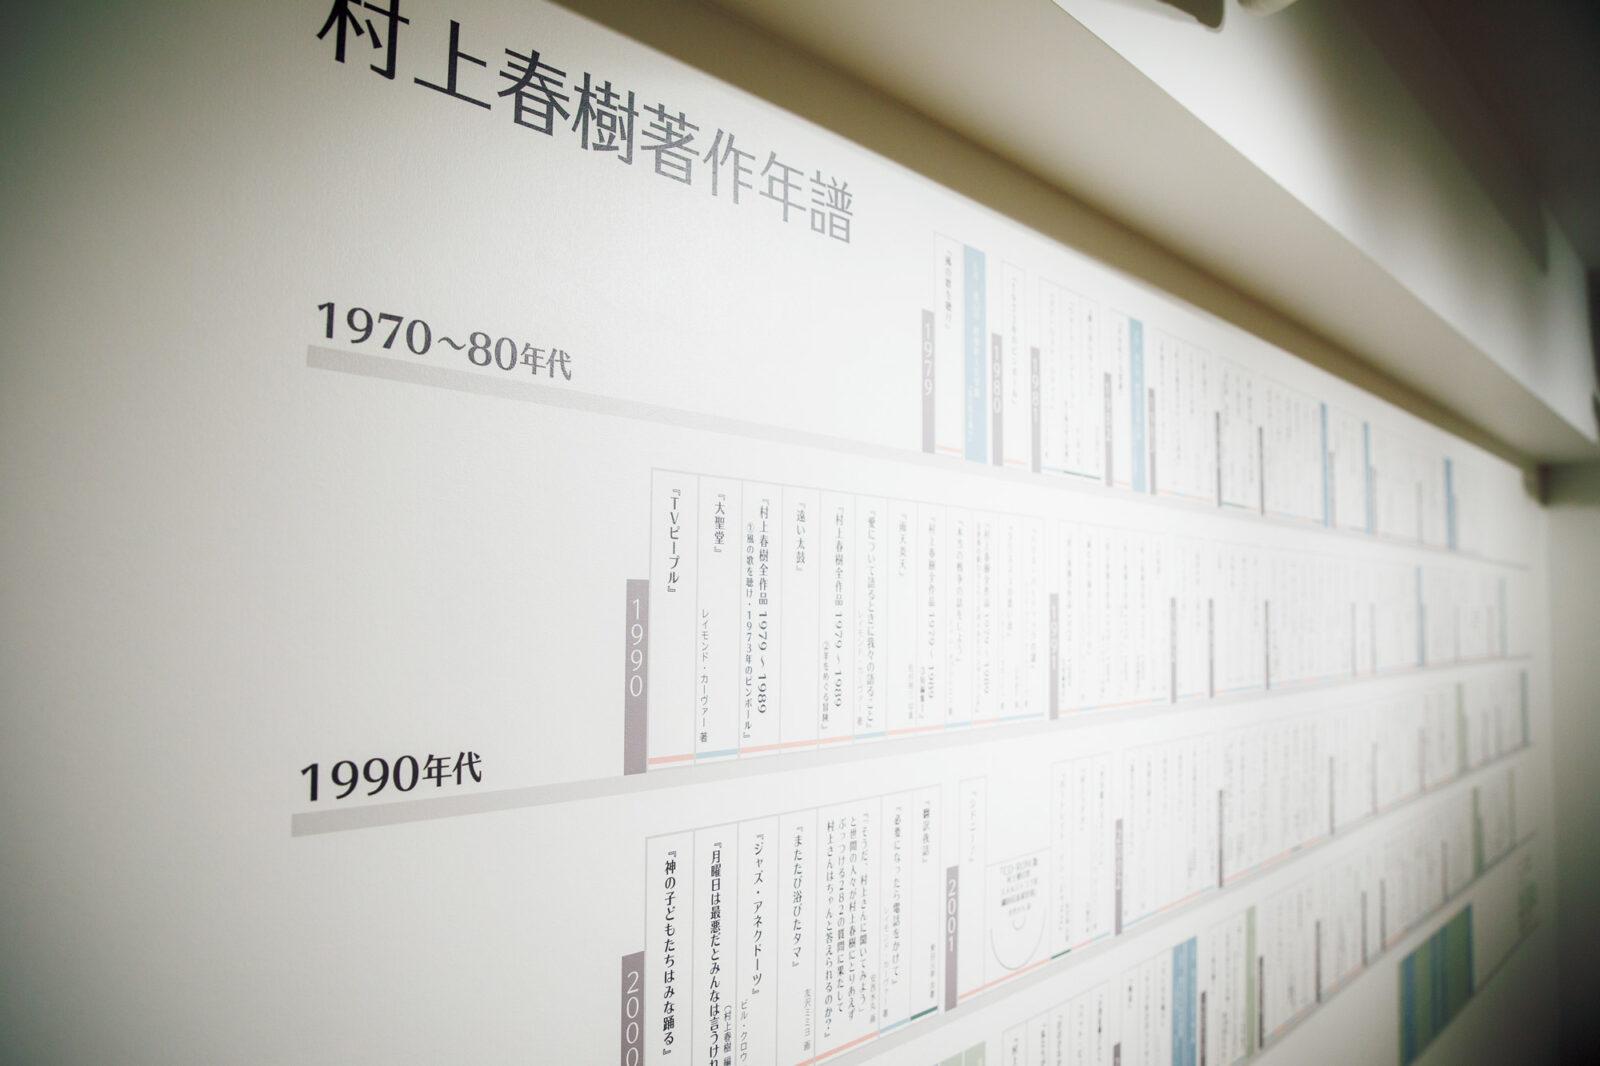 1階奥の壁面に書かれた、村上春樹全著作を網羅した年譜。年を重ねるごとに記録が書き足されていく。